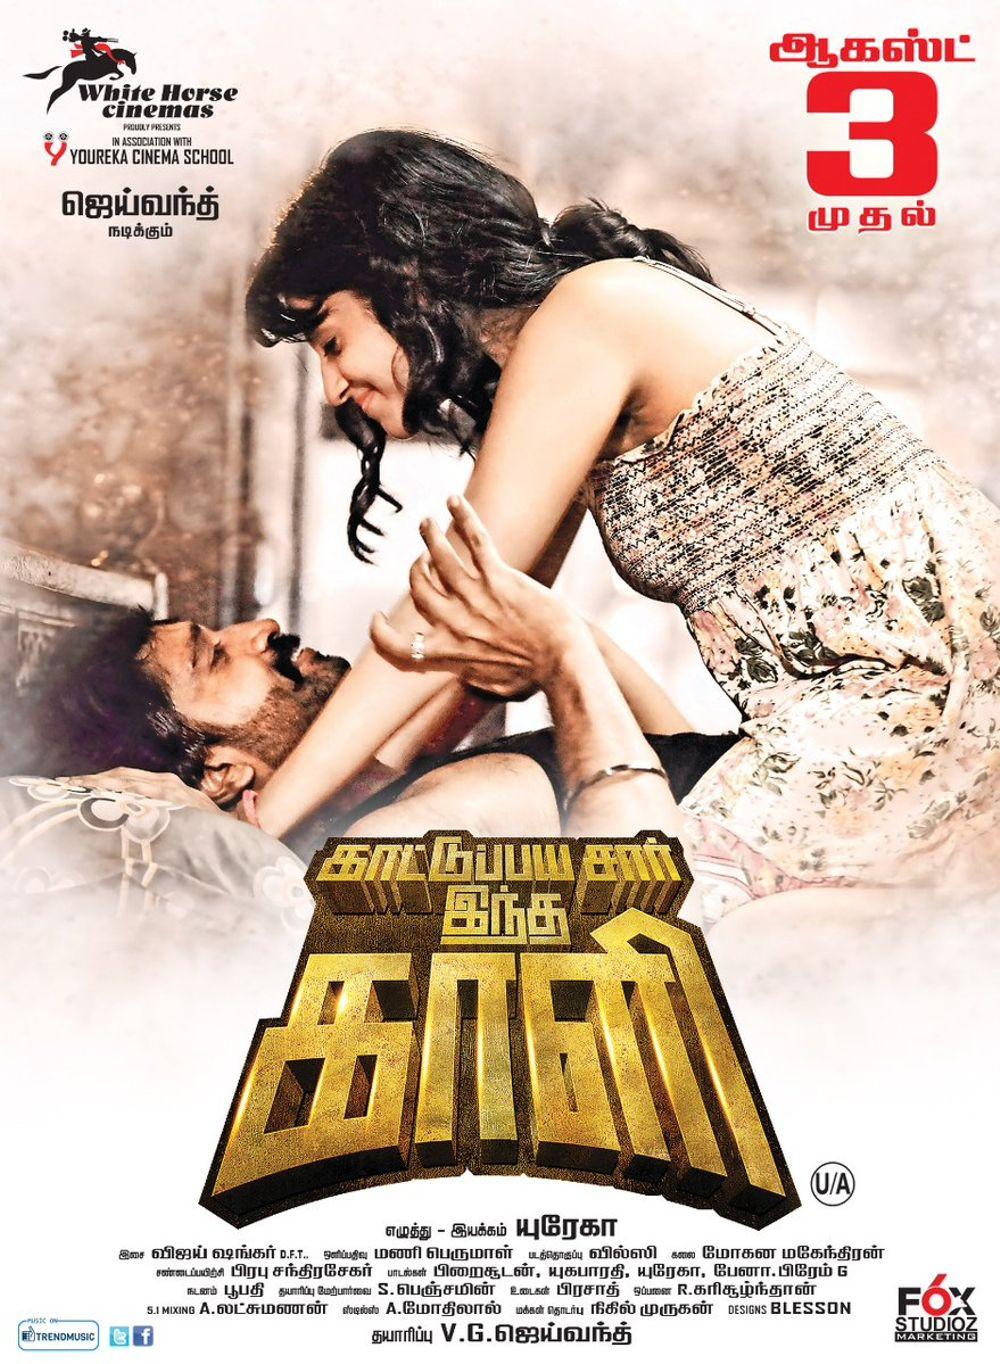 Kattu Paiyan Sir Intha Kaali (aka)  Kattu Payya Sir Intha Kaali  Movie Review Tamil Movie Review